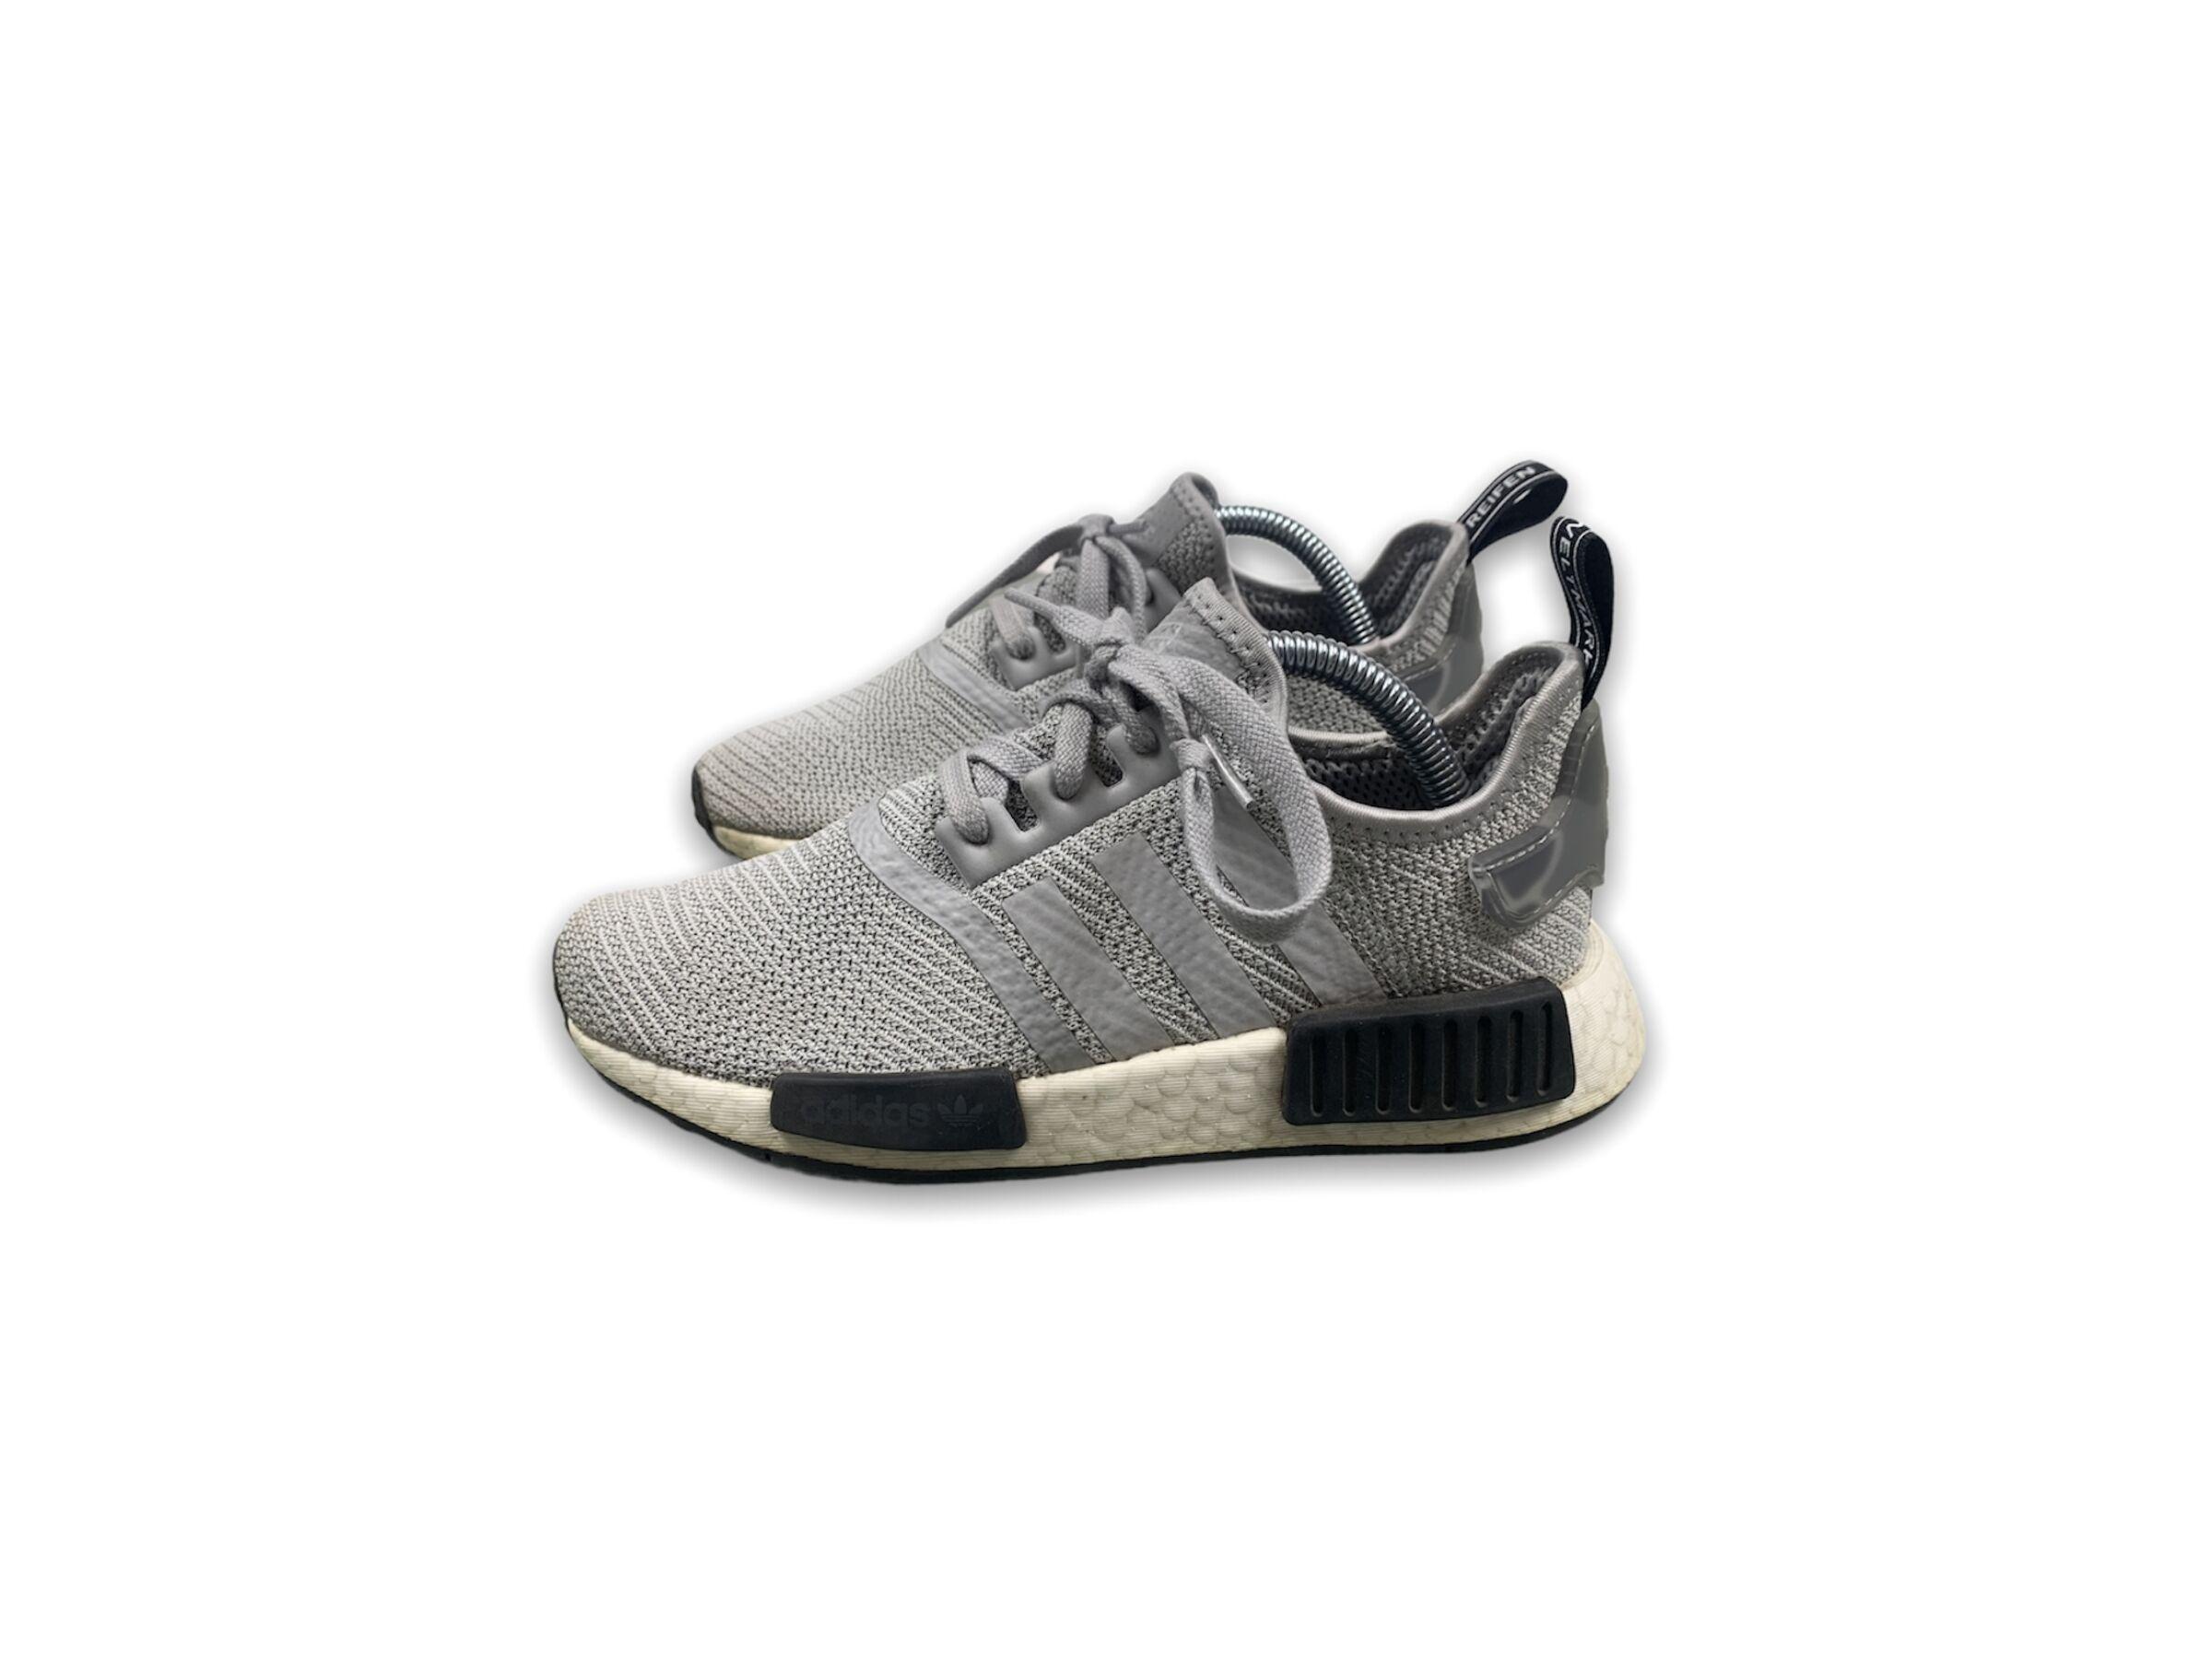 Adidas NMD cipő (36 1/2)